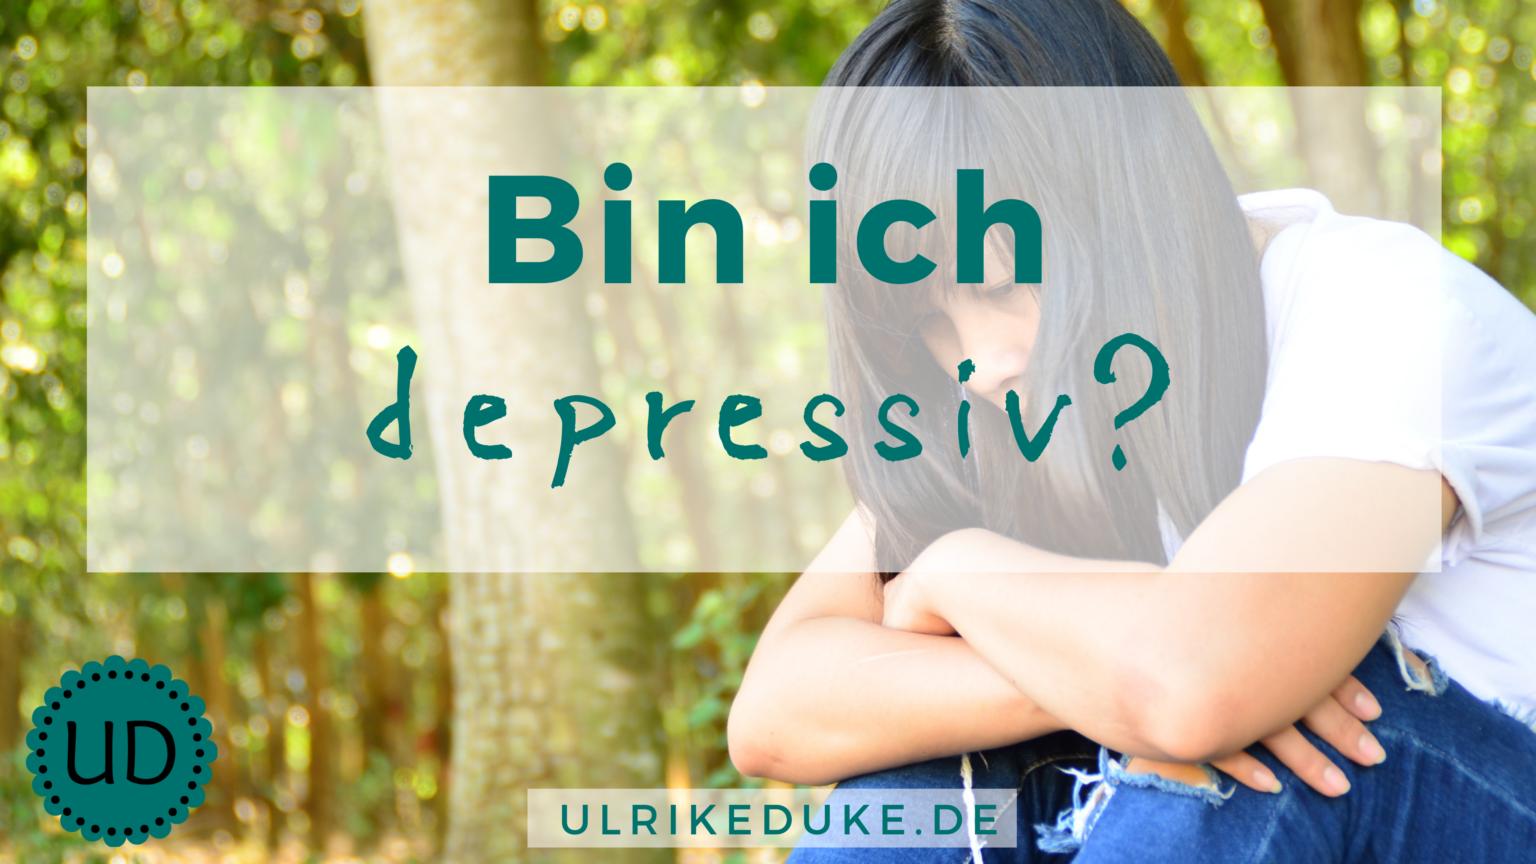 Diplom-Psychologin-Psychologe-74821-Mosbach-bin-ich-depressiv-Episoden-Depression-Ursache-Depressionen-Symptome-Wochenbettdepression-affektive-Störung-Depression-Selbsttest-Depression-Major-B-1